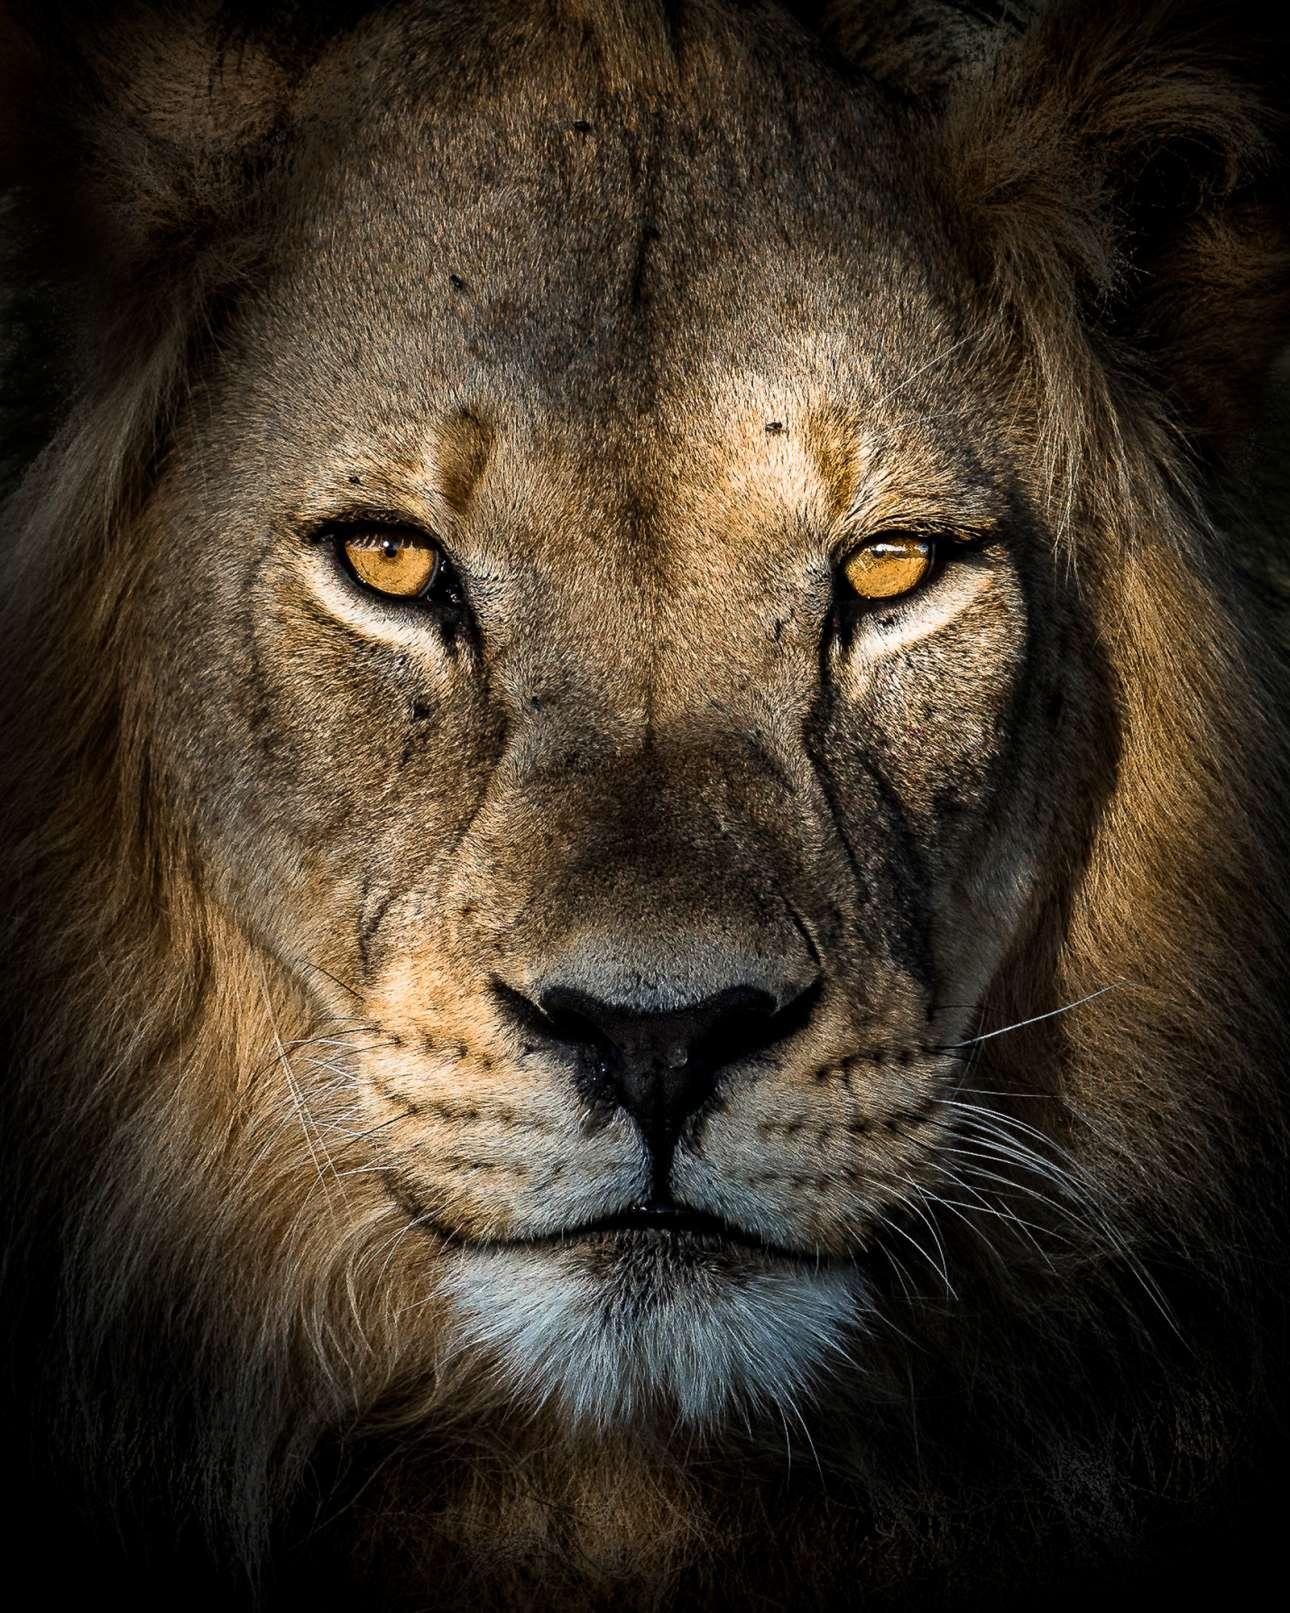 «Αφρικανικό Μυστήριο». Τα λιοντάρια της Καλαχάρι, στη Νότια Αφρική, φημίζονται για τη μαύρη χαίτη τους. Ο γάλλος φωτογράφος είχε την ευκαιρία να απαθανατίσει τη θρυλική ομορφιά αυτών των ζώων κατά τη διάρκεια επίσκεψής του στο προστατευόμενο Πάρκο Καλαχάρι, την ώρα που ο ήλιος έδυε